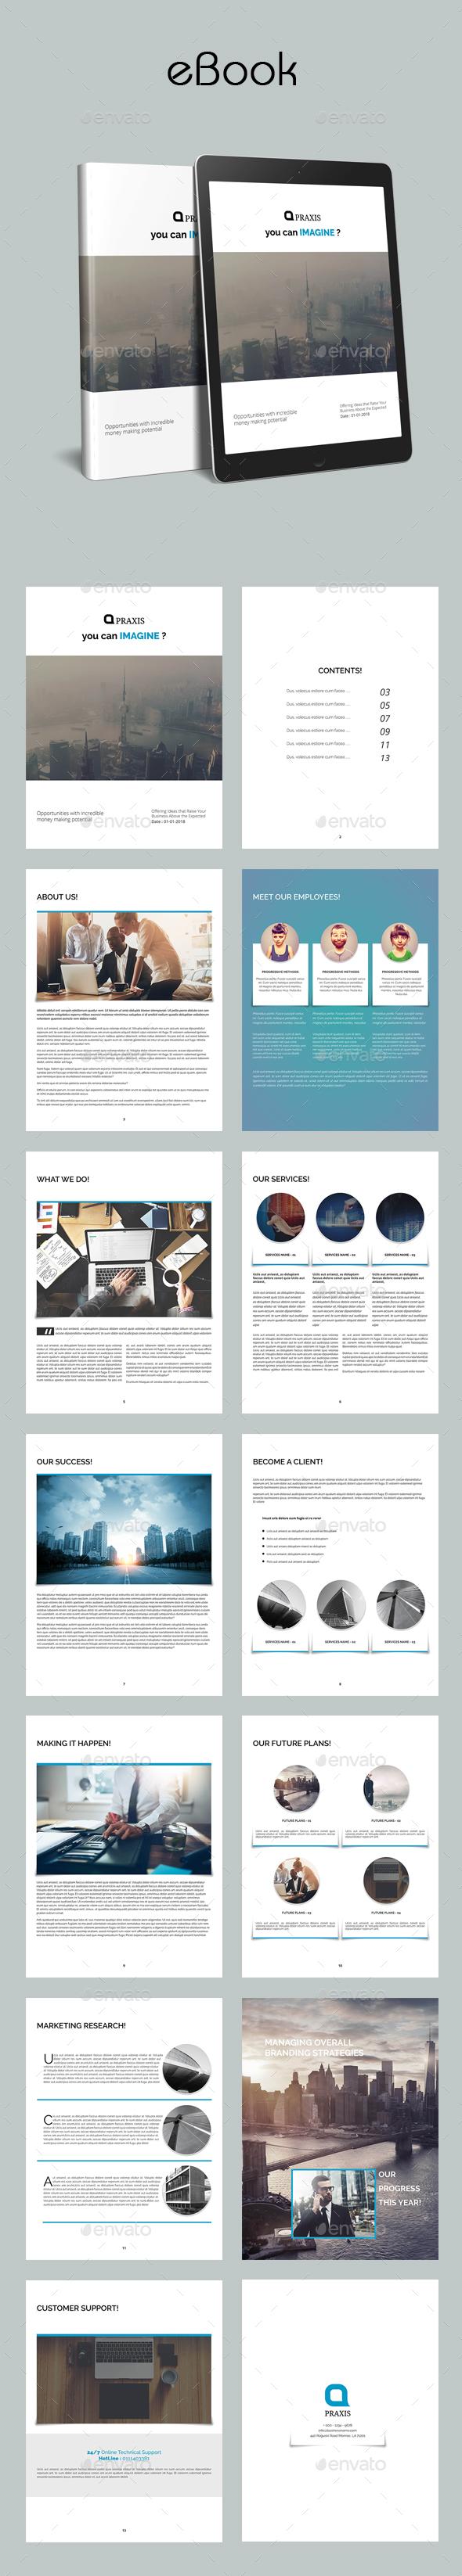 eBook - ePublishing